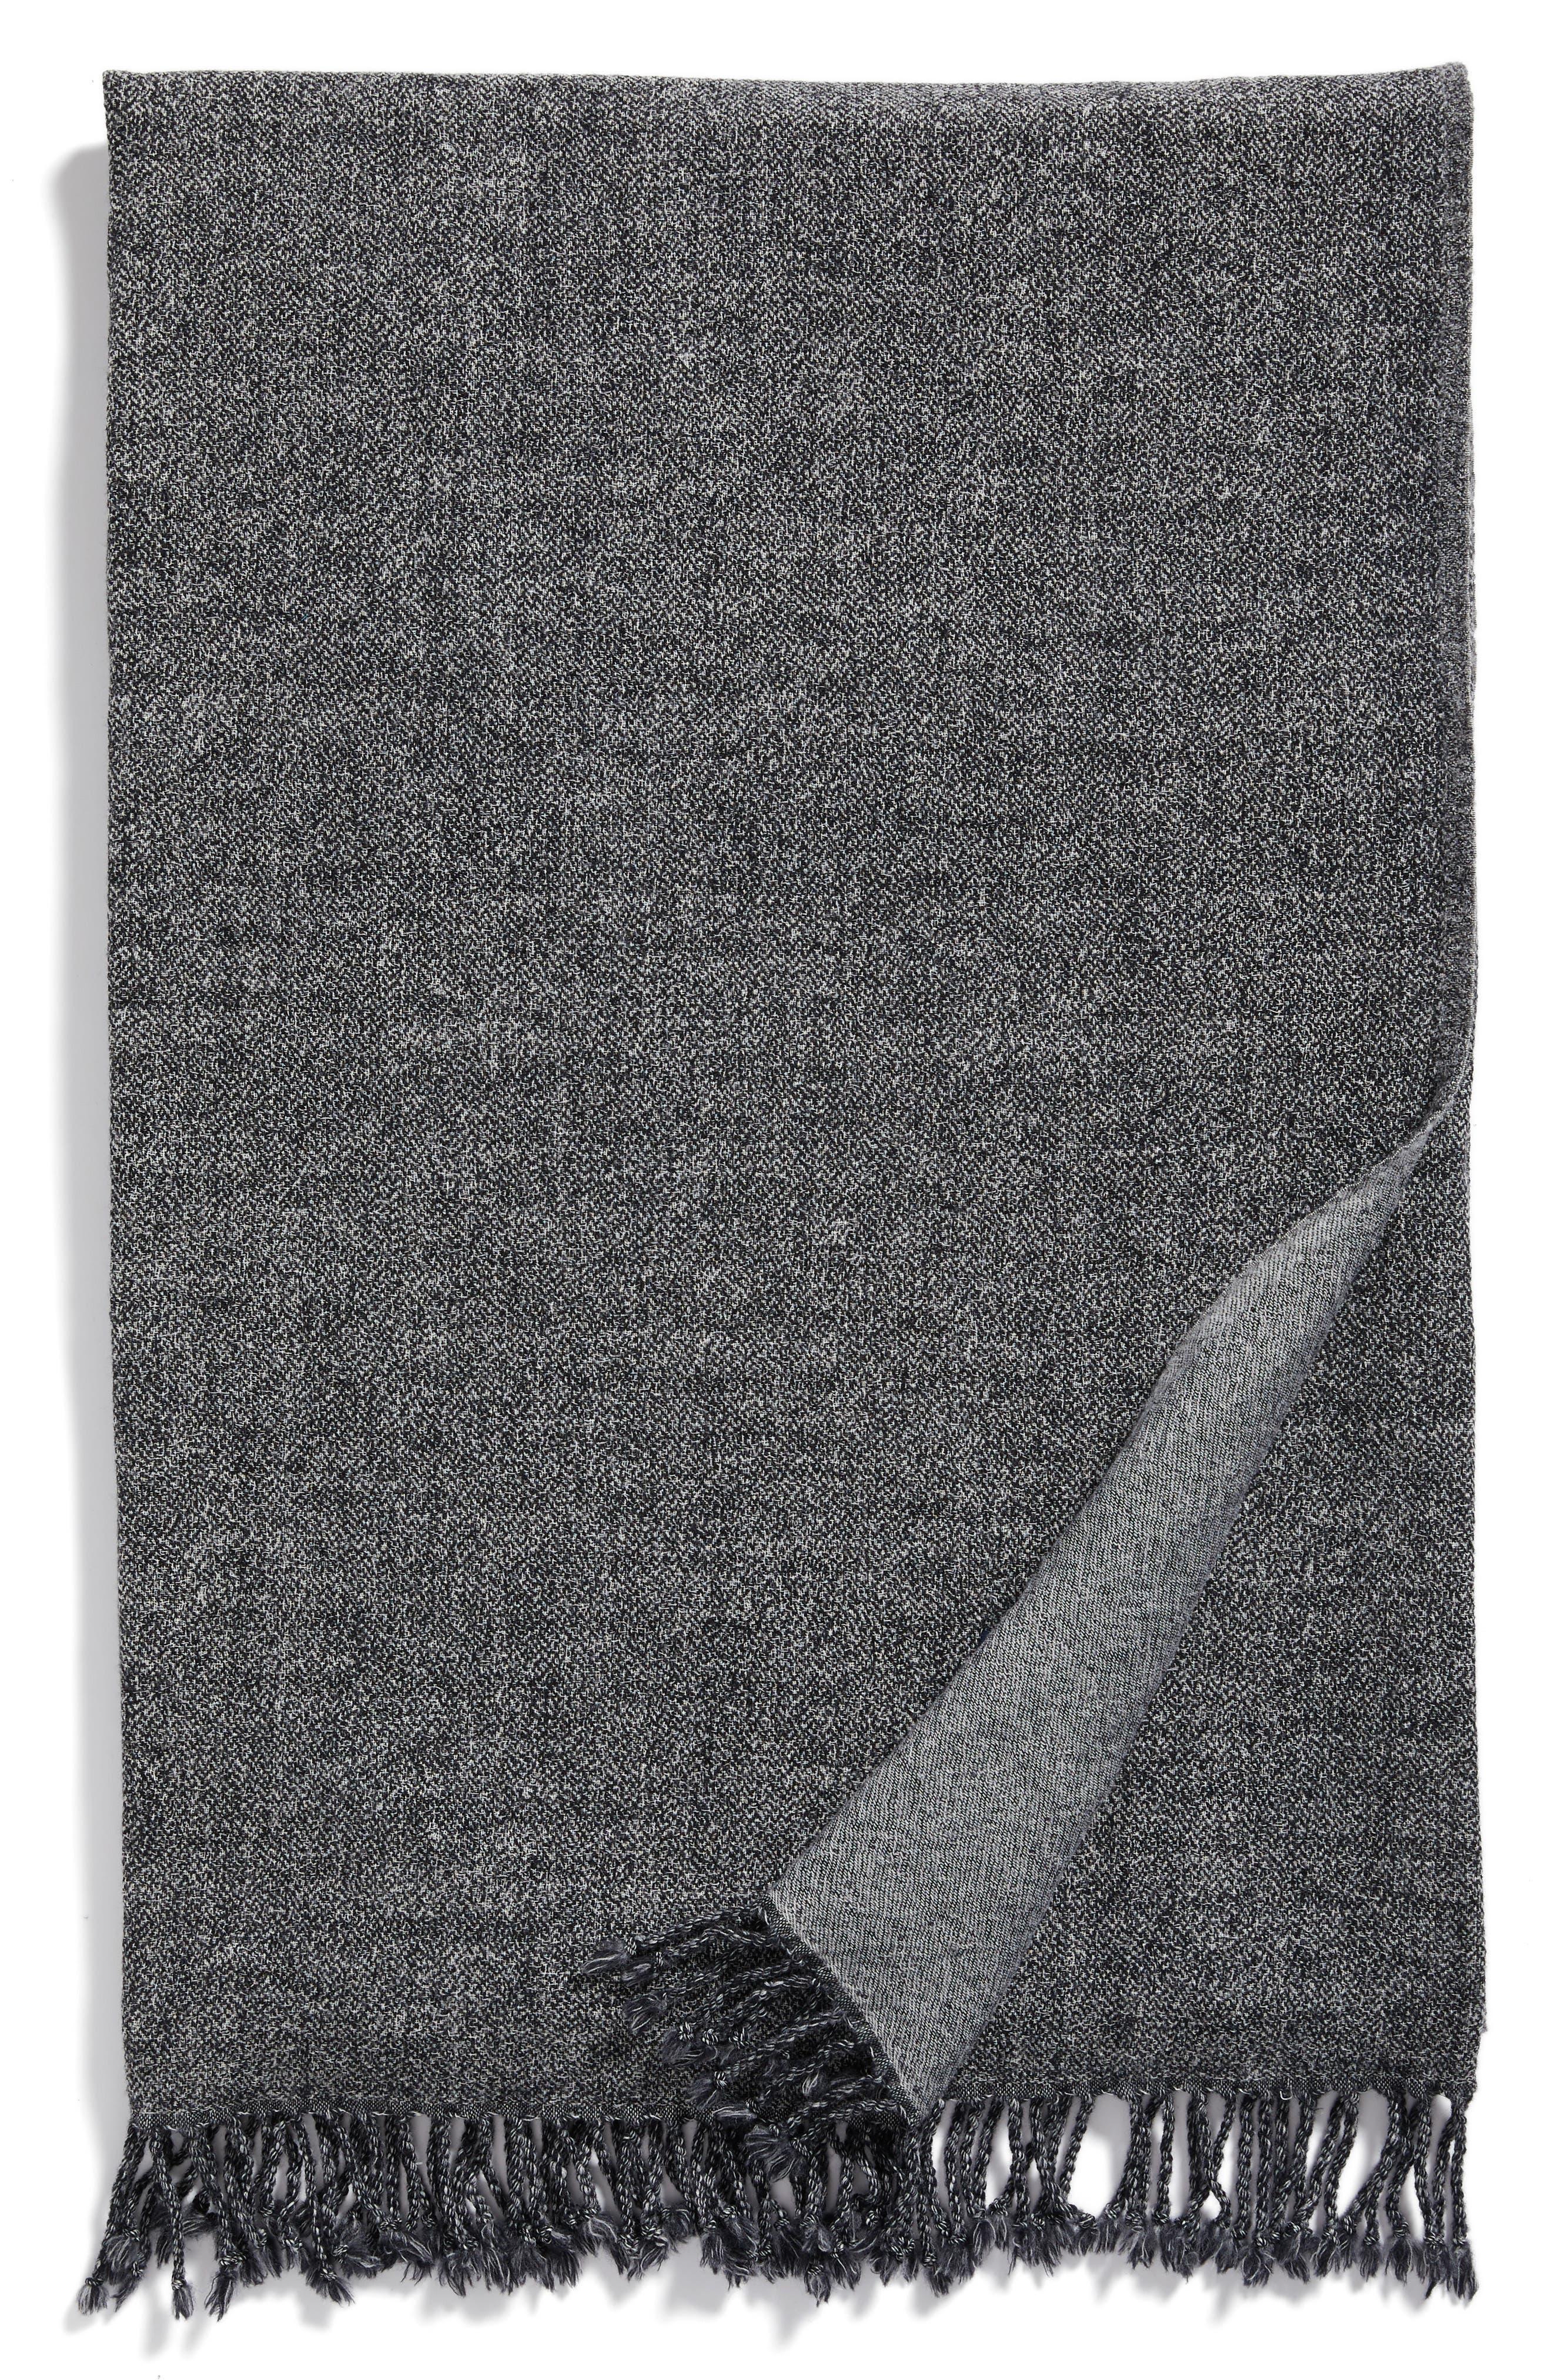 Blurred Herringbone Merino Wool Throw,                         Main,                         color, Blurred Herringbone Grey